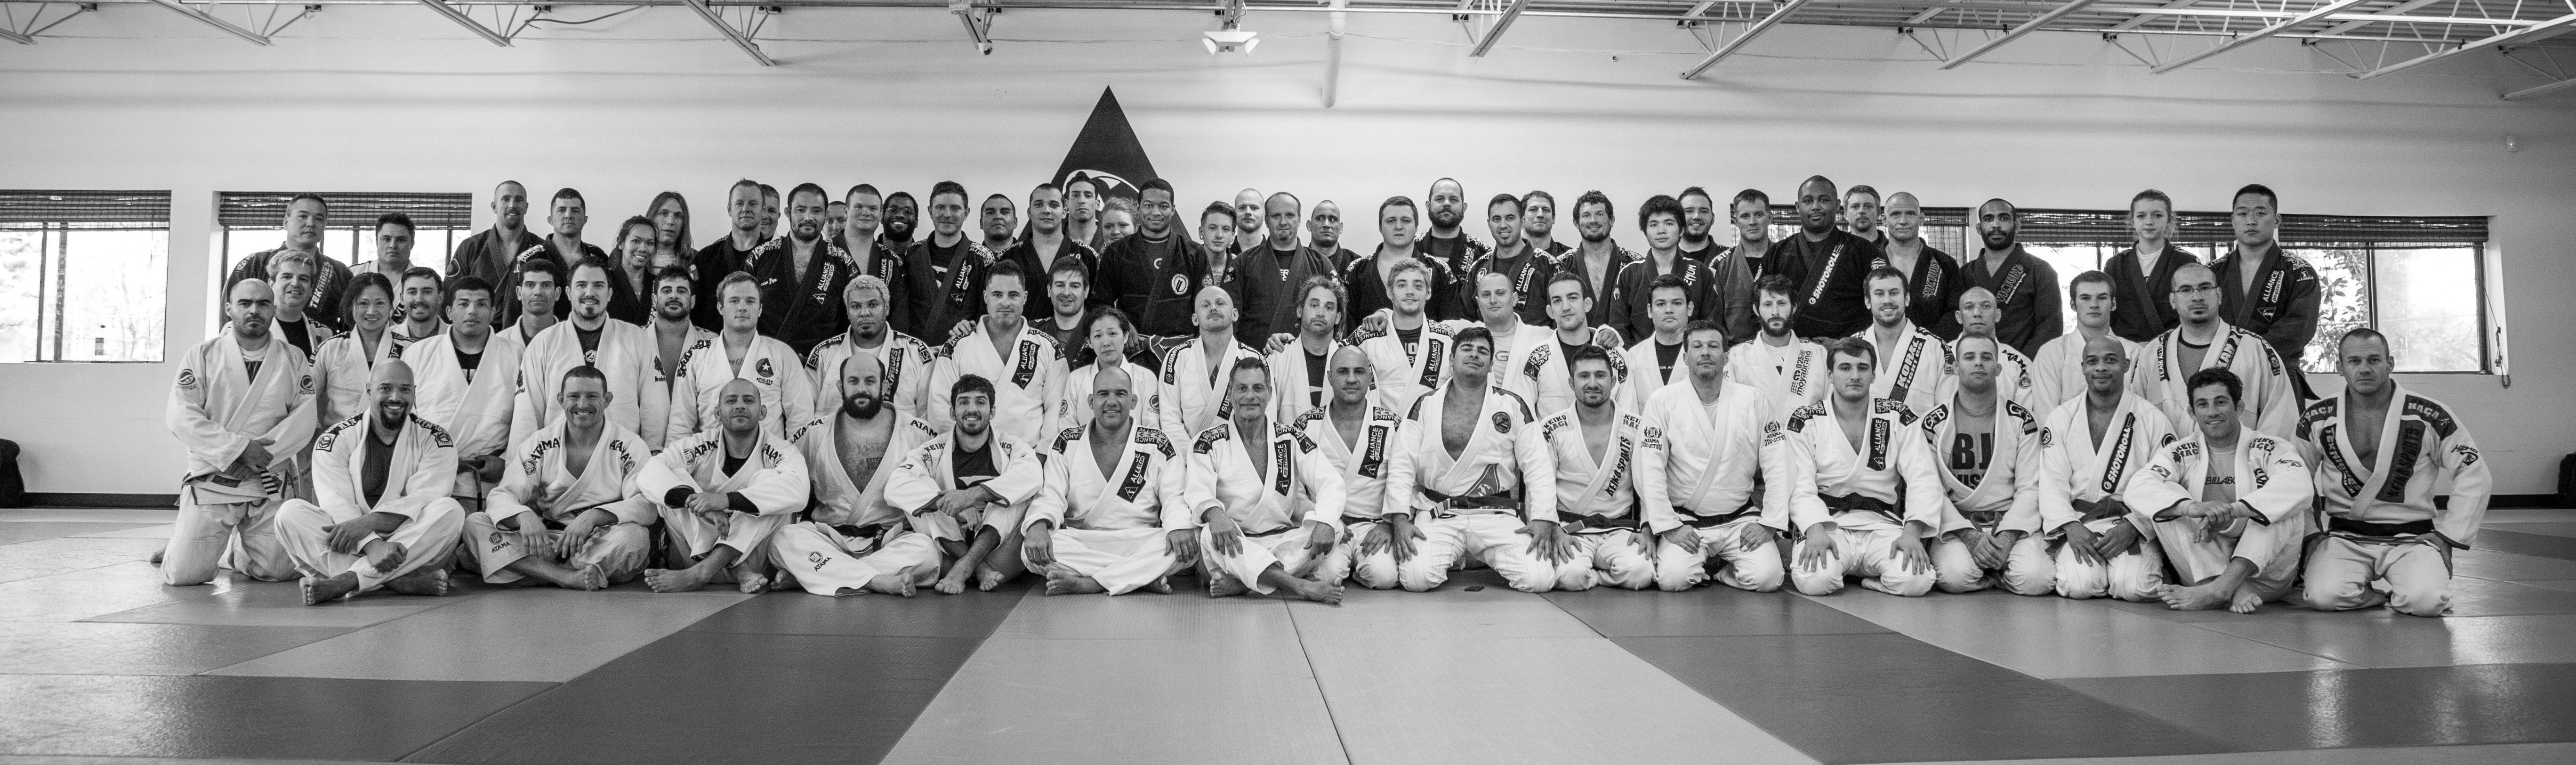 Snow Jiu Jitsu Academy image 3